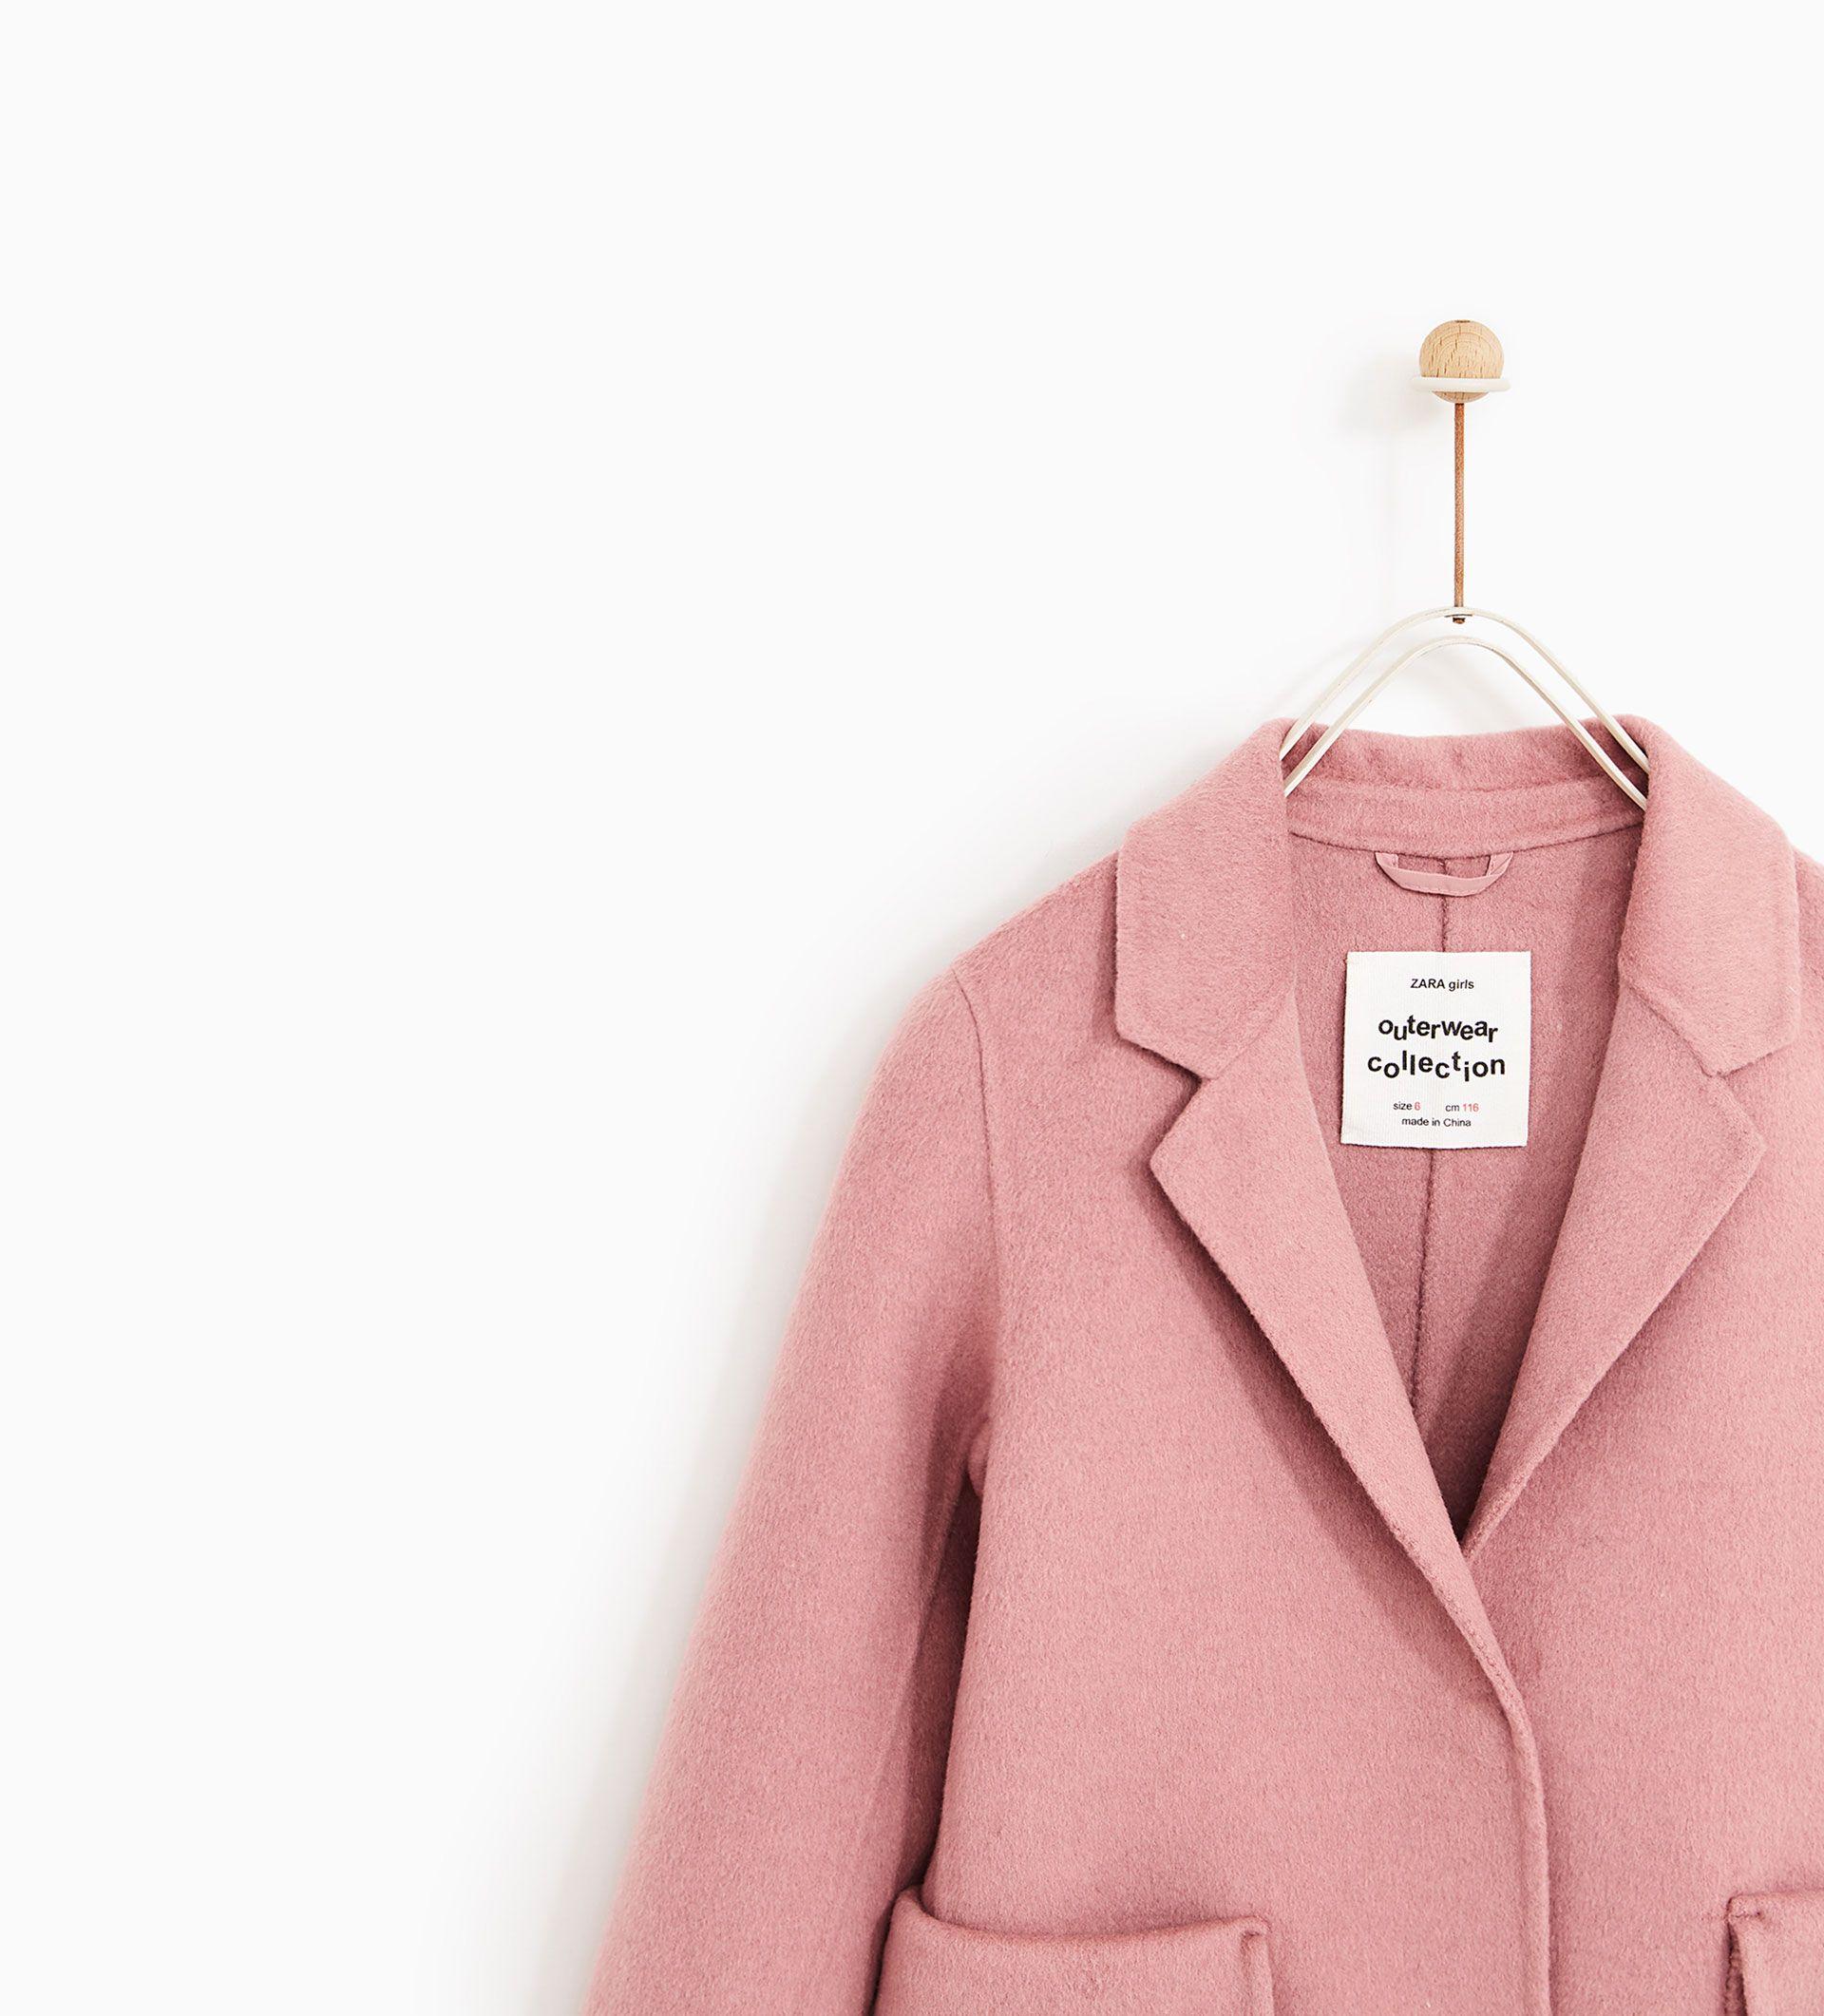 Bild 5 Von Maskuliner Mantel Von Zara Modestil Madchenmode Mantel Jacke